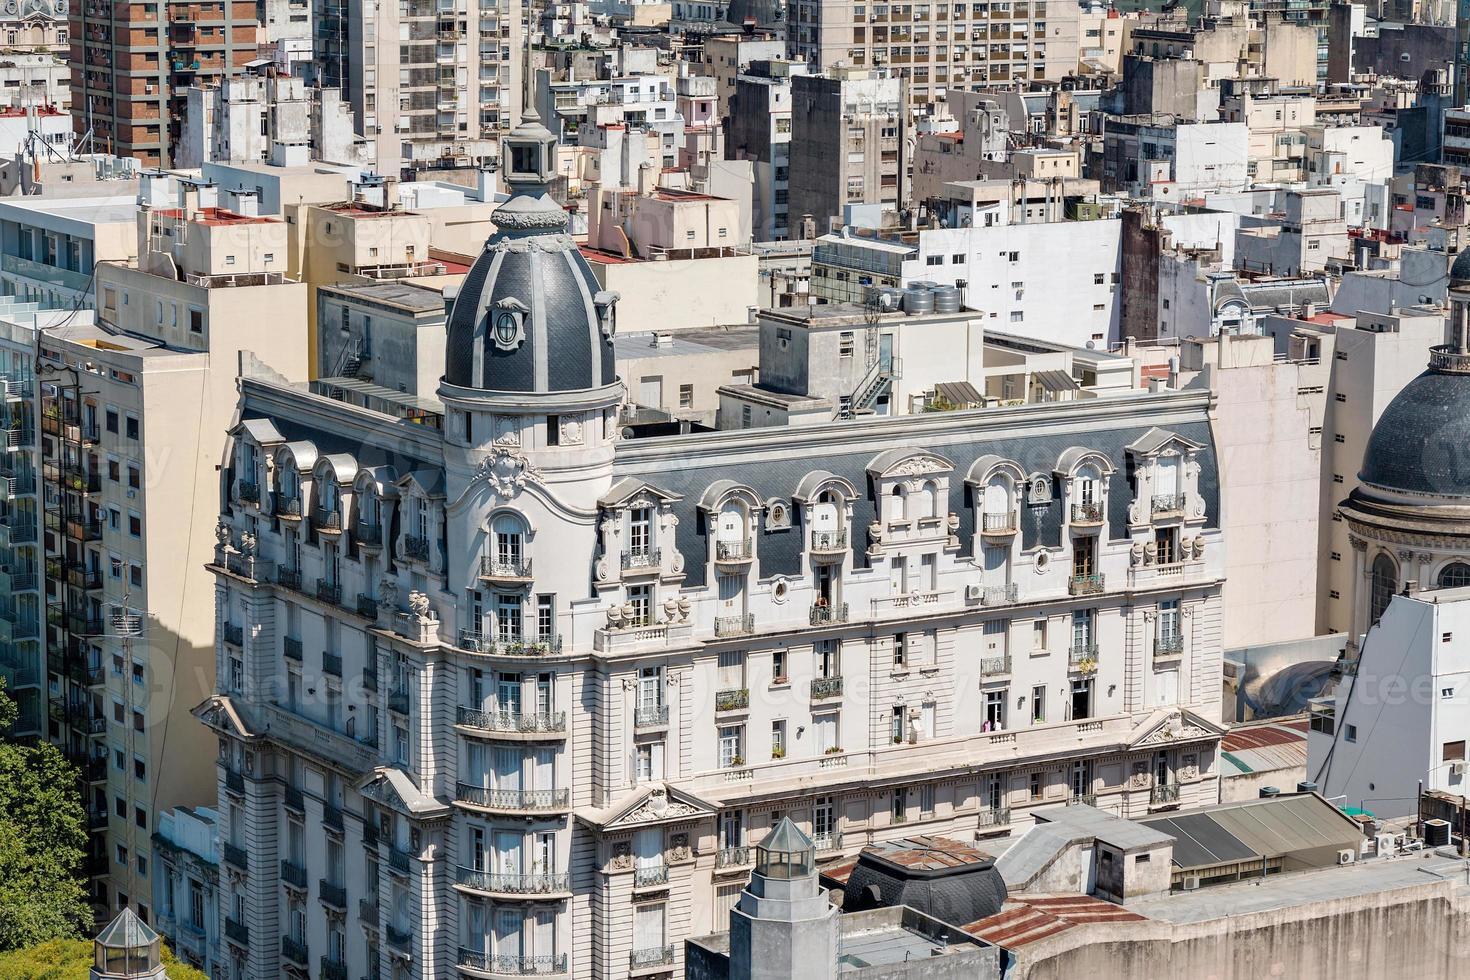 toits et coupoles, buenos aires argentine photo